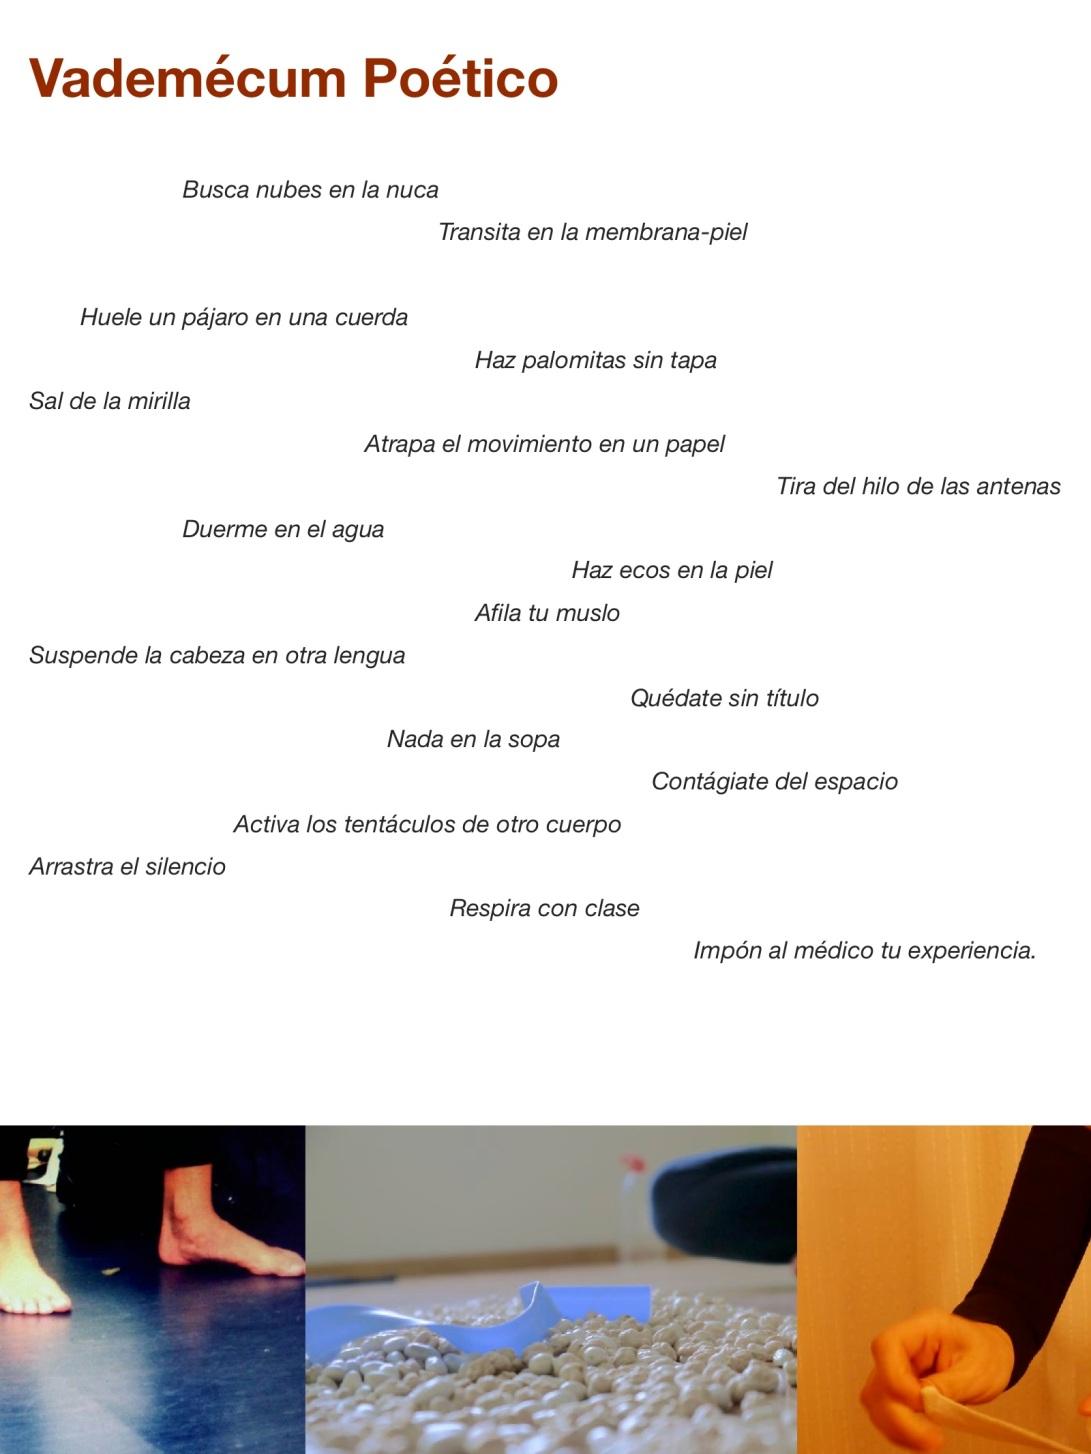 vademecum poetico 4